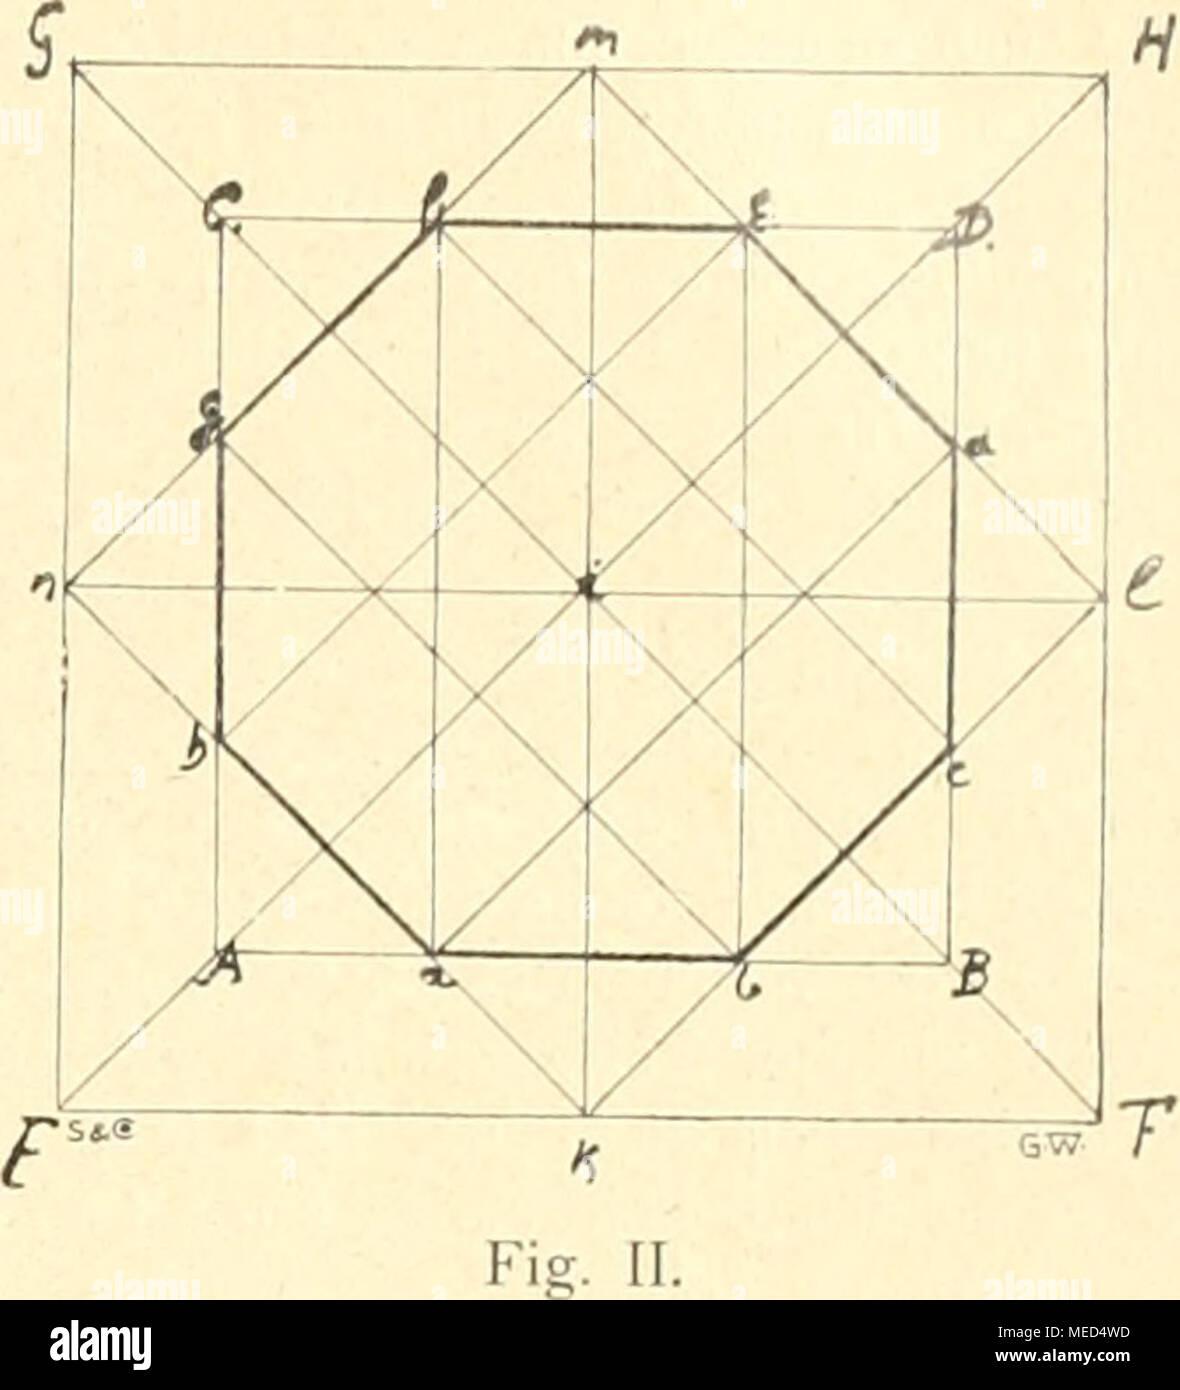 Wunderbar Die Gartenwelt . Wagerechten Linien Bleiben Auch Welche Geometrisch  Rechtwinklig Verkürzen Sich Und Werden Daher .